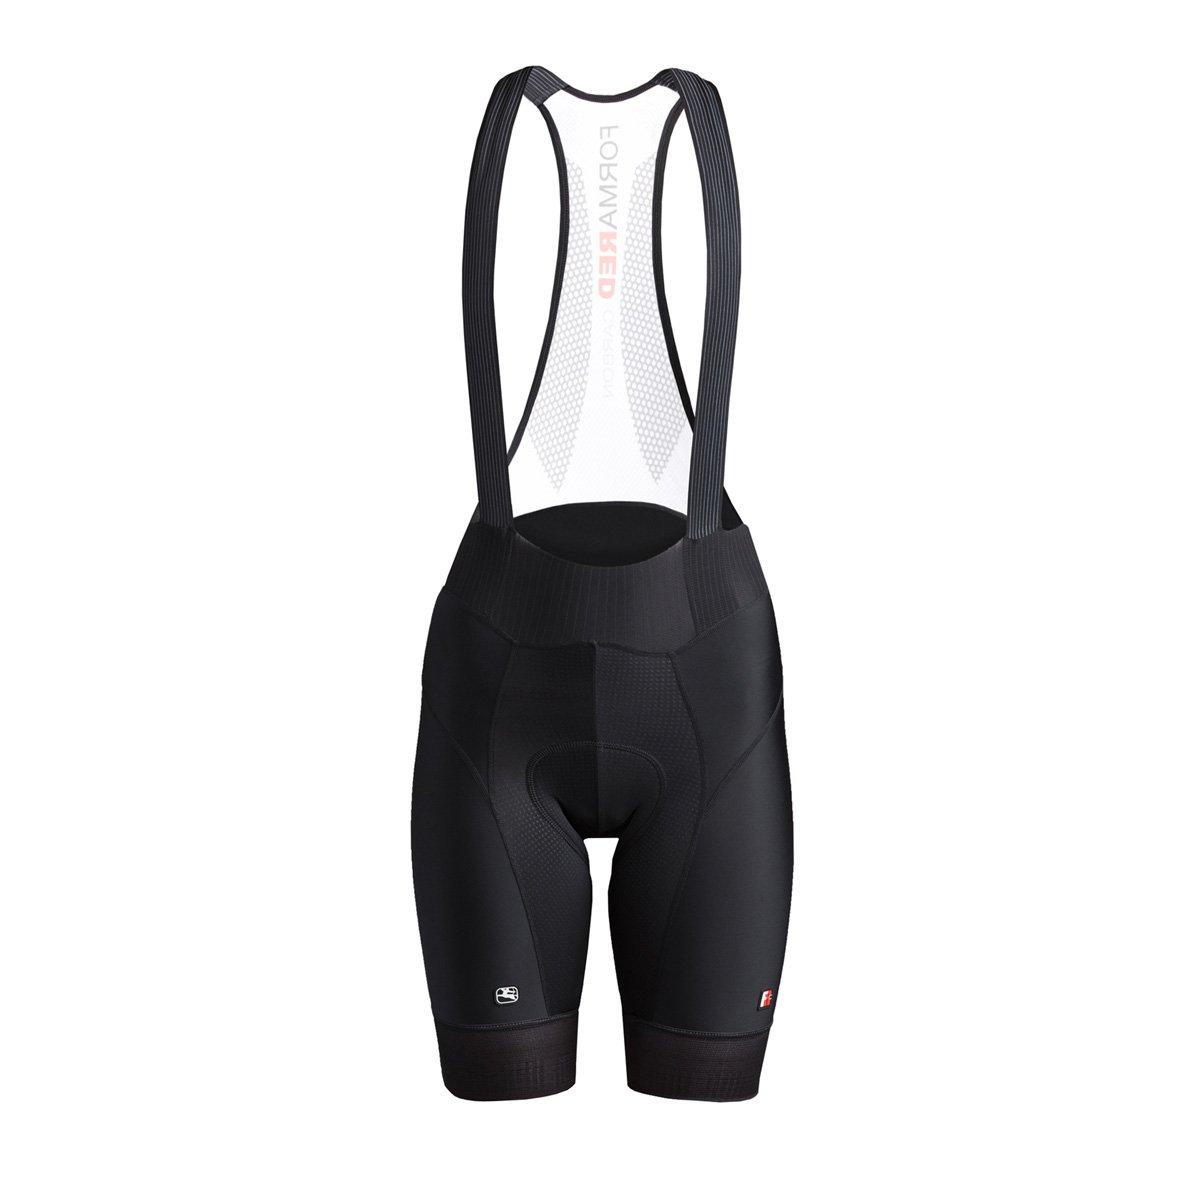 Giordana fr-c Pro Bib Short – Women 's B077GTYKD9  ブラック Small